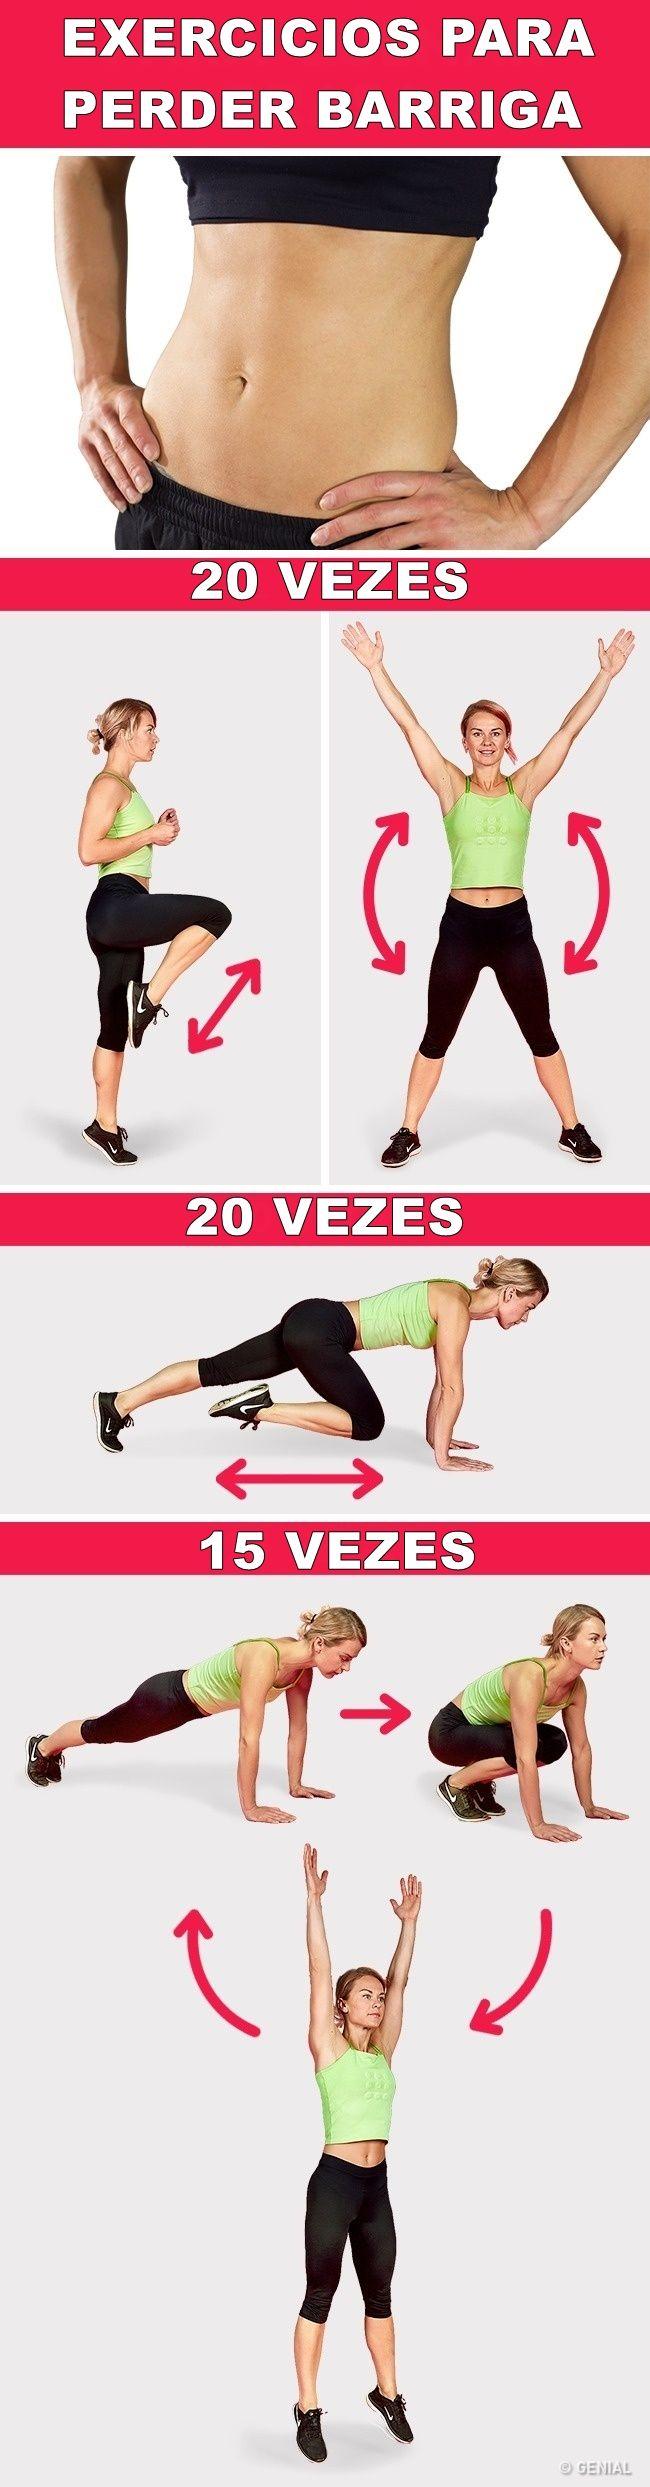 Os 8 Melhores Exercícios Para Perder Peso em 5 Dias  #saude  #emagrecer  #emagrecimento  #exercícios  #perder peso